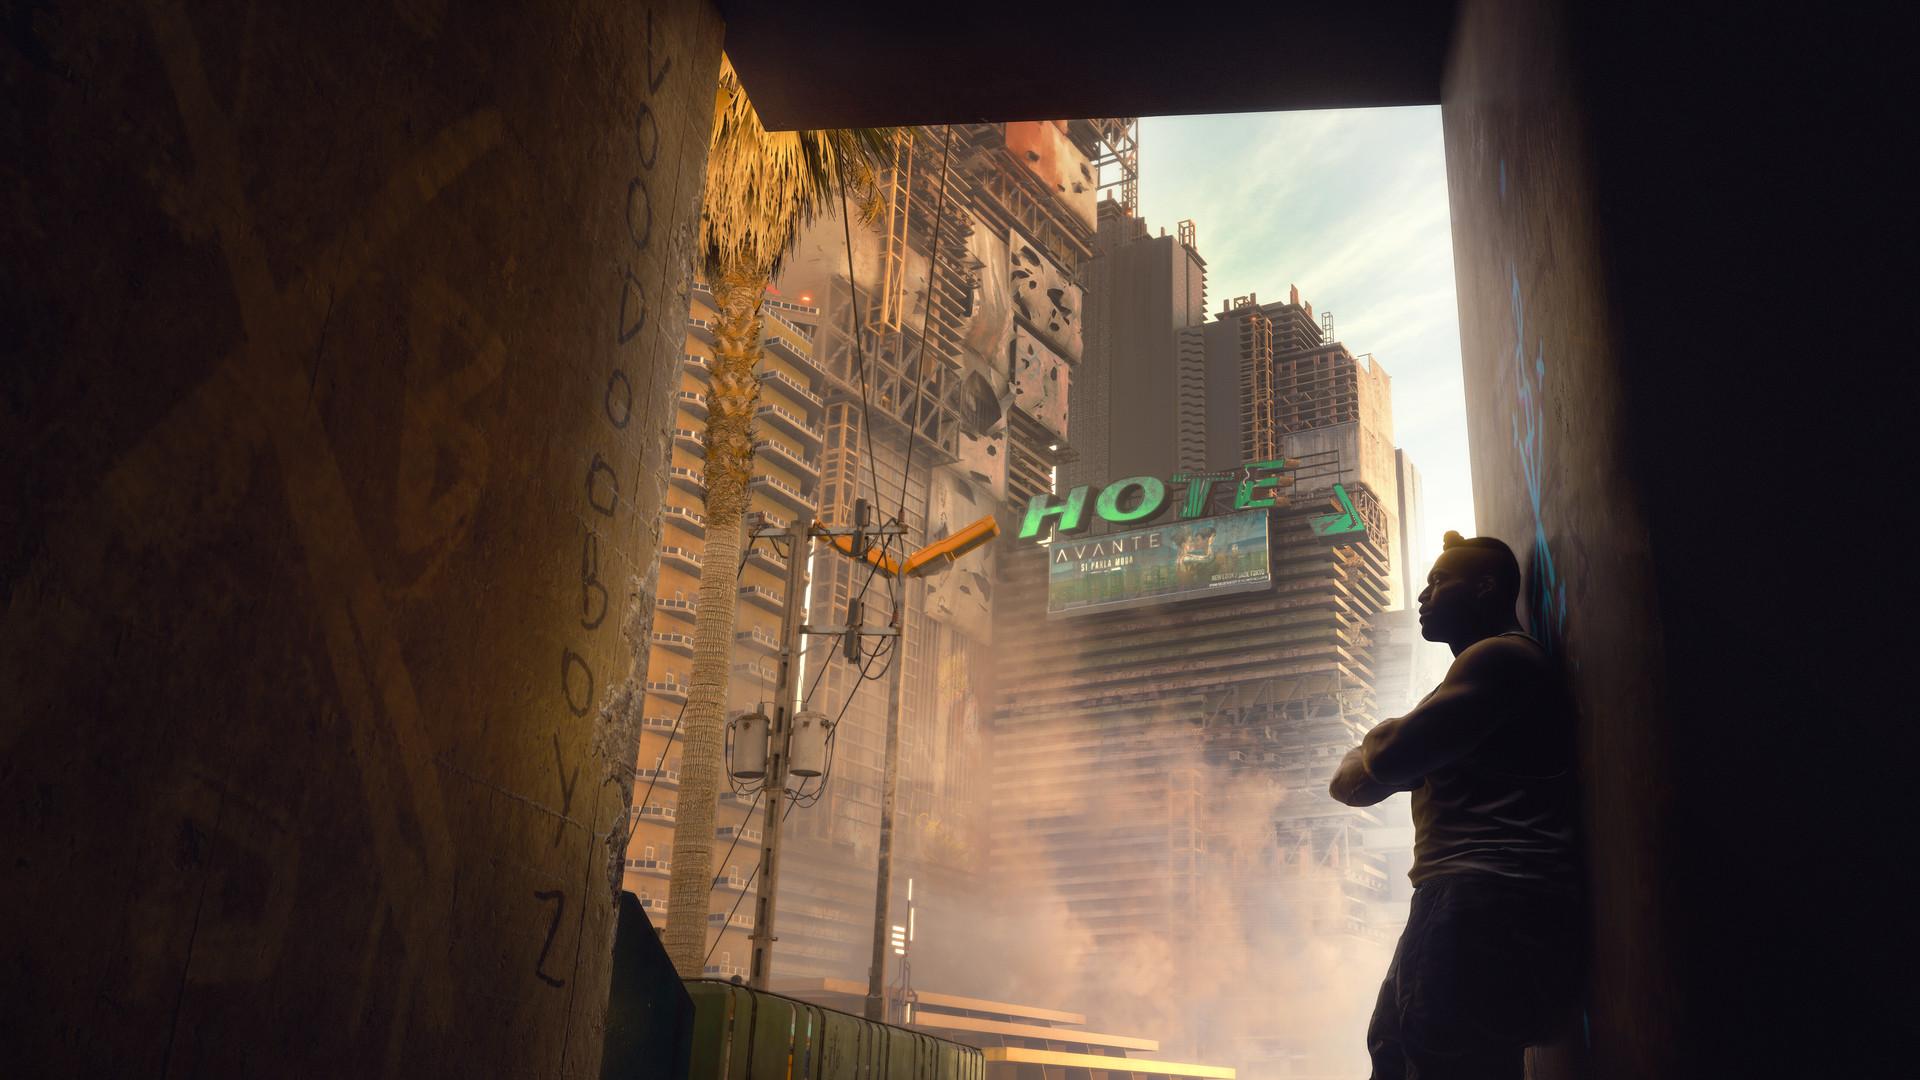 《赛博朋克2077》有多种难度设置 硬核模式会关闭UI